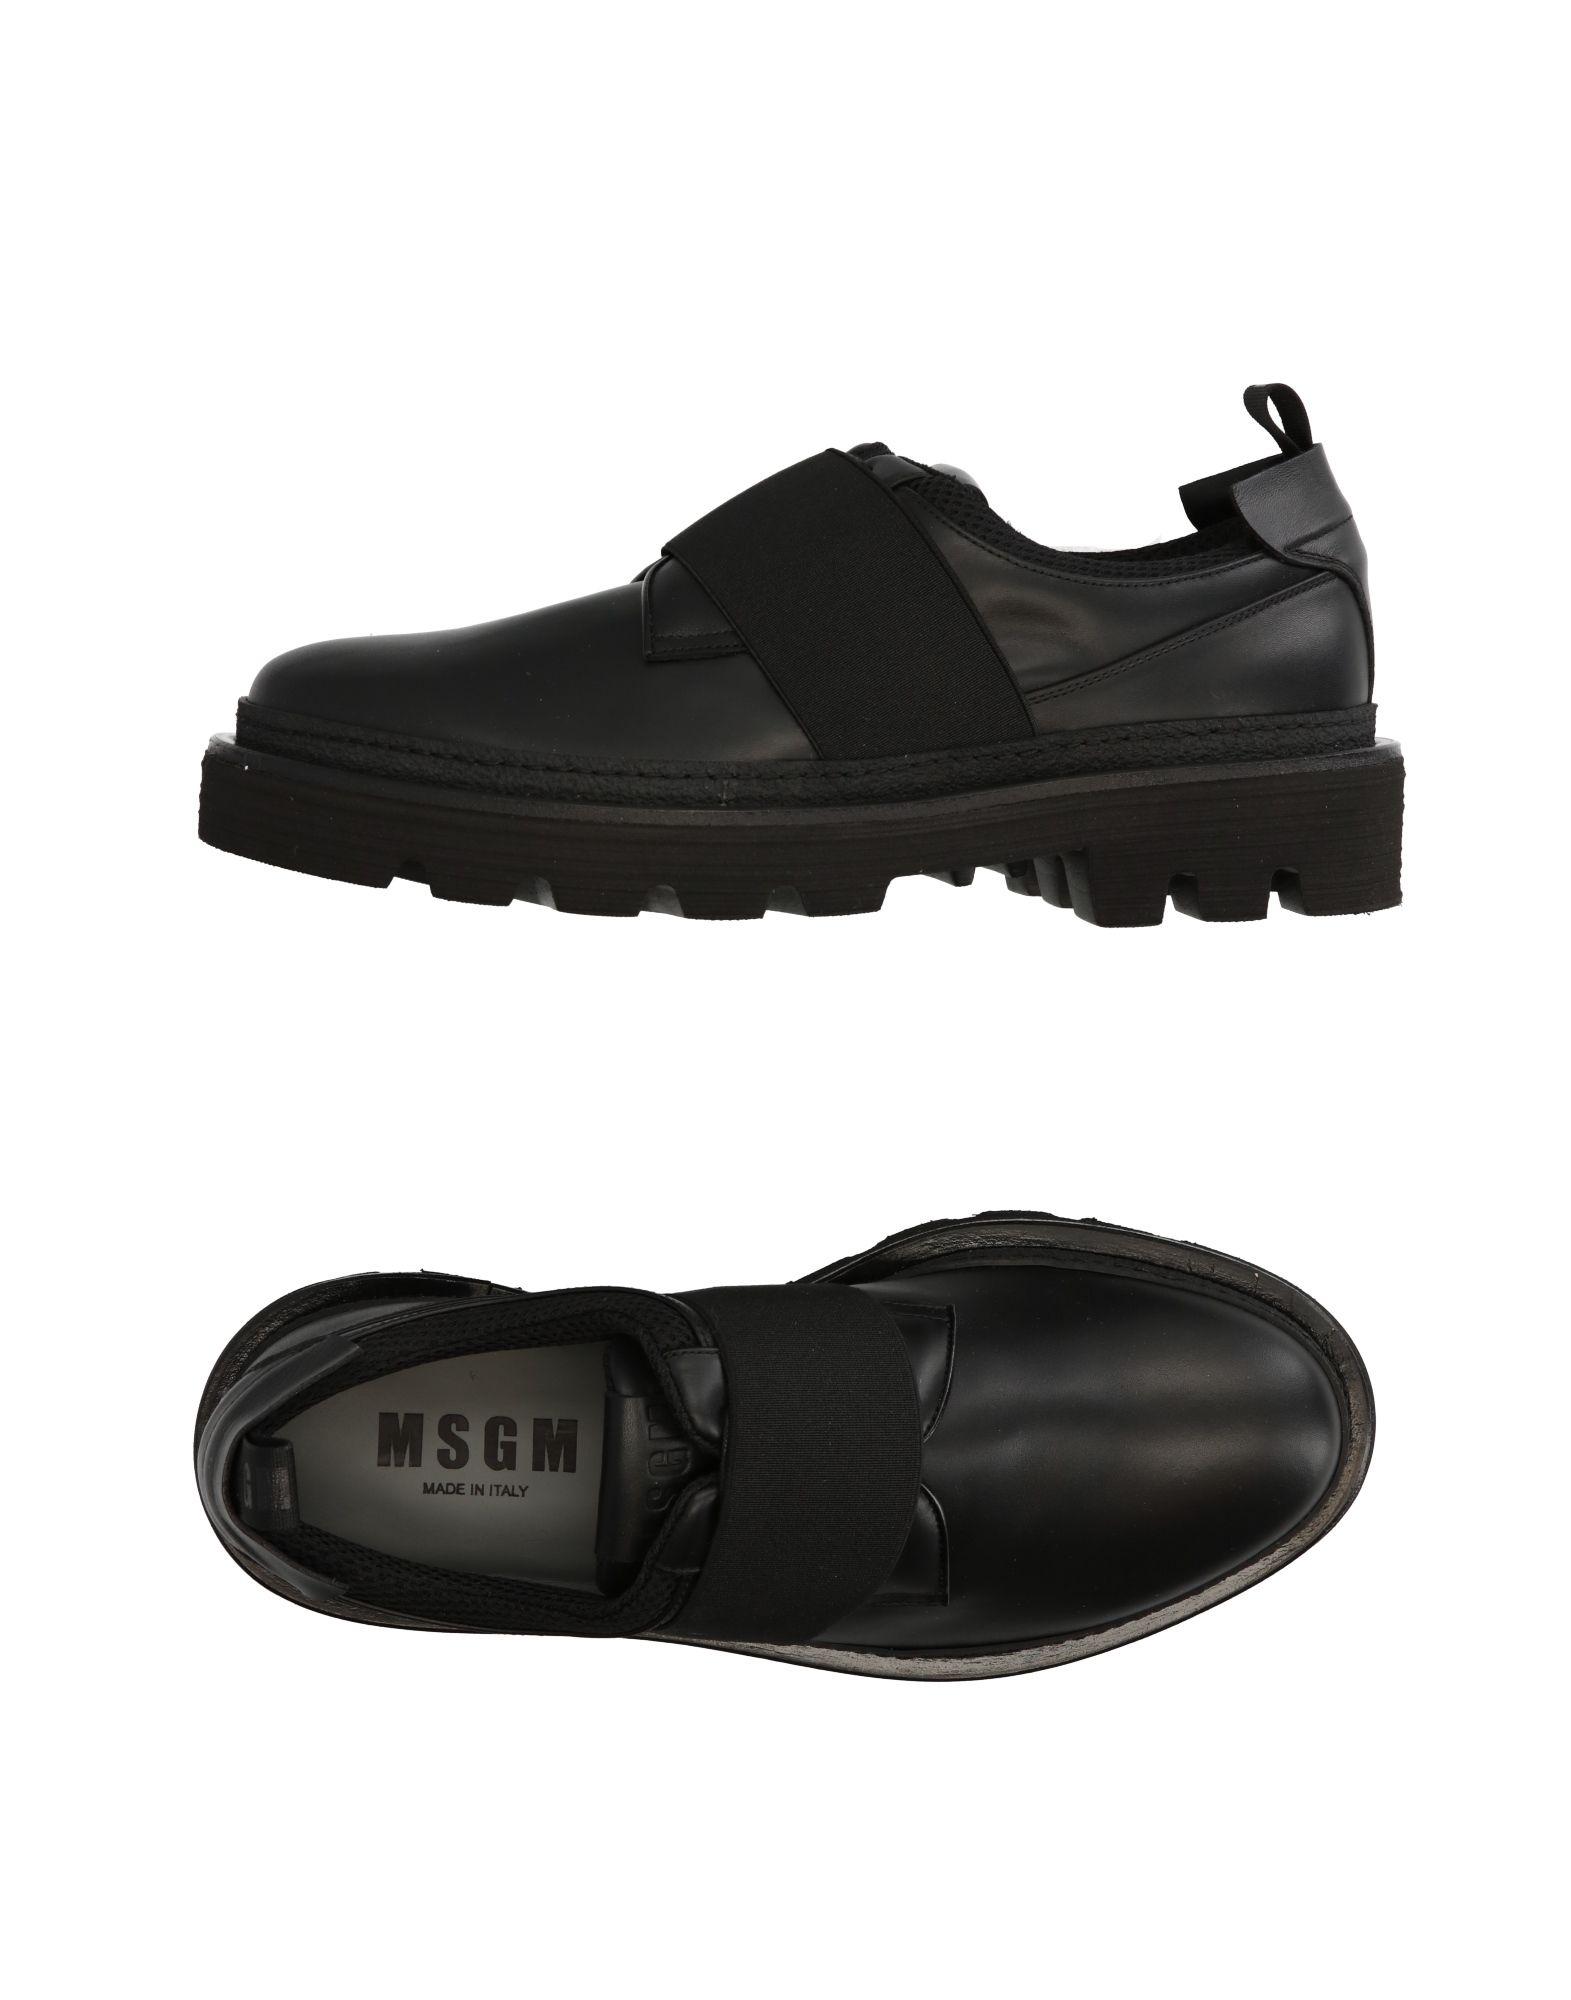 Chaussures À Lacets Msgm Femme - Chaussures À Lacets Msgm sur